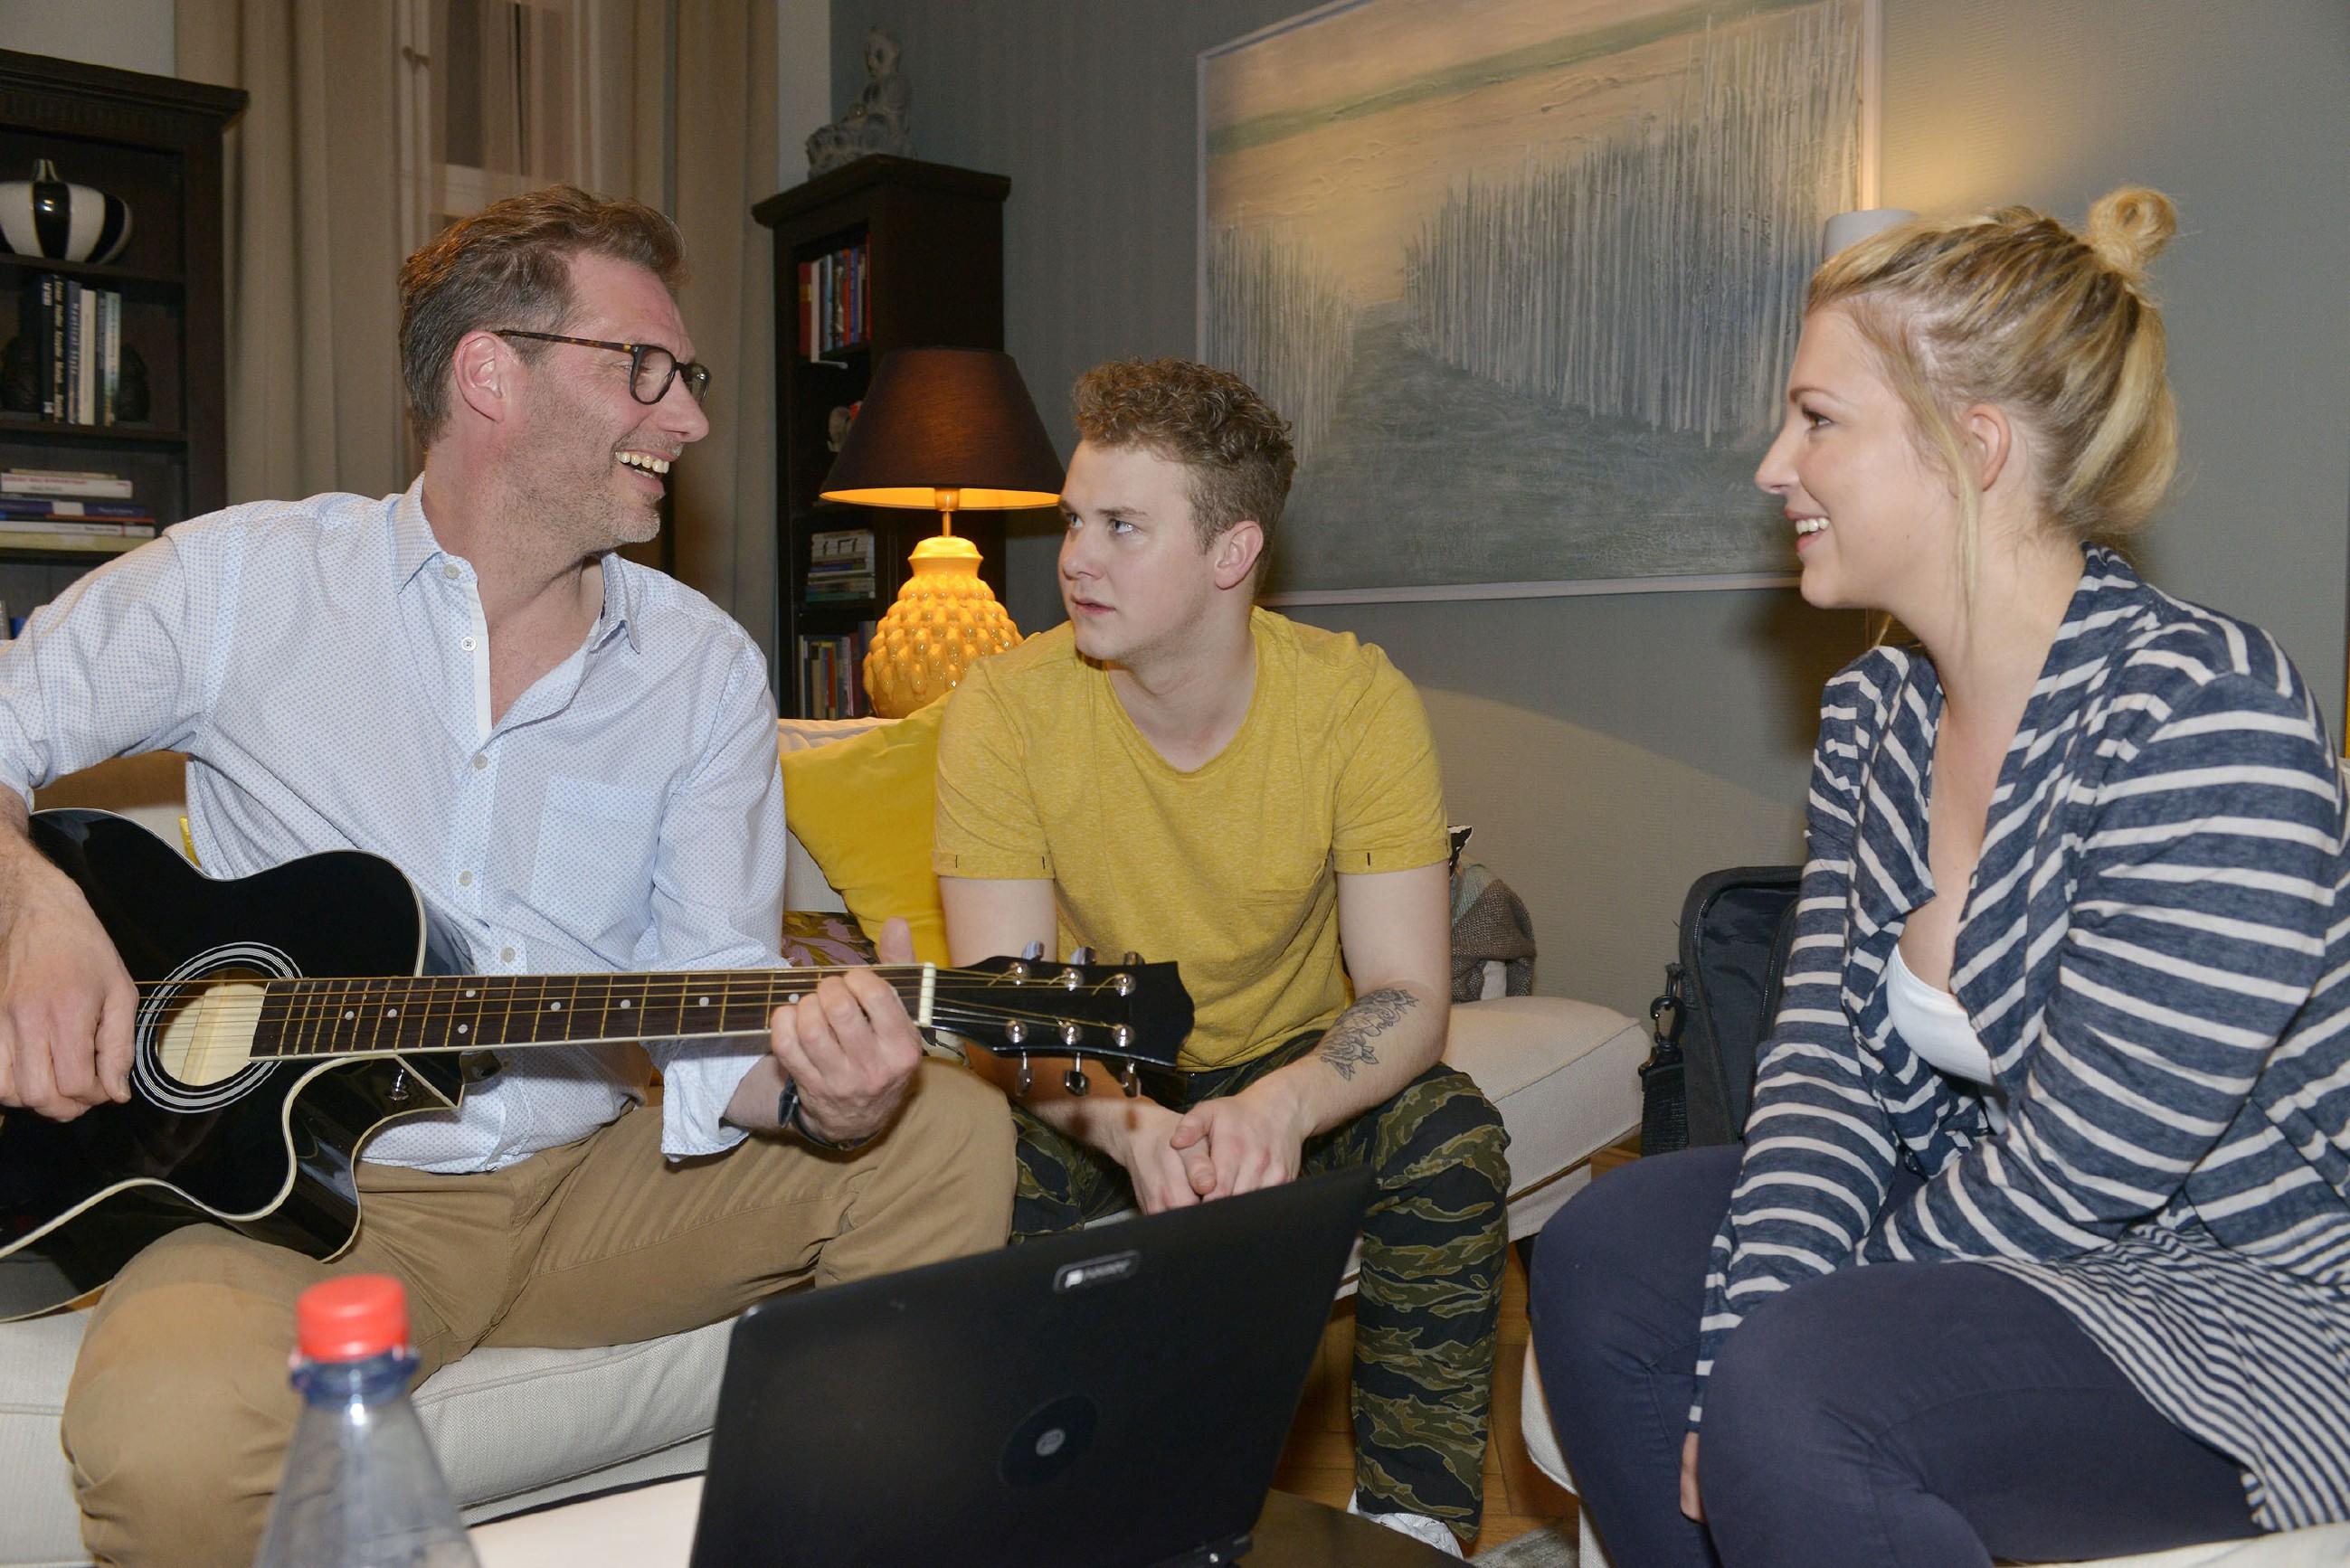 Alexander (Clemens Löhr, l.) will Maren an ihrem Geburtstag mit einem selbst komponierten Lied überraschen und spannt Lilly (Iris Mareike Steen) und Jonas (Felix van Deventer) dafür ein. (Quelle: RTL / Rolf Baumgartner)